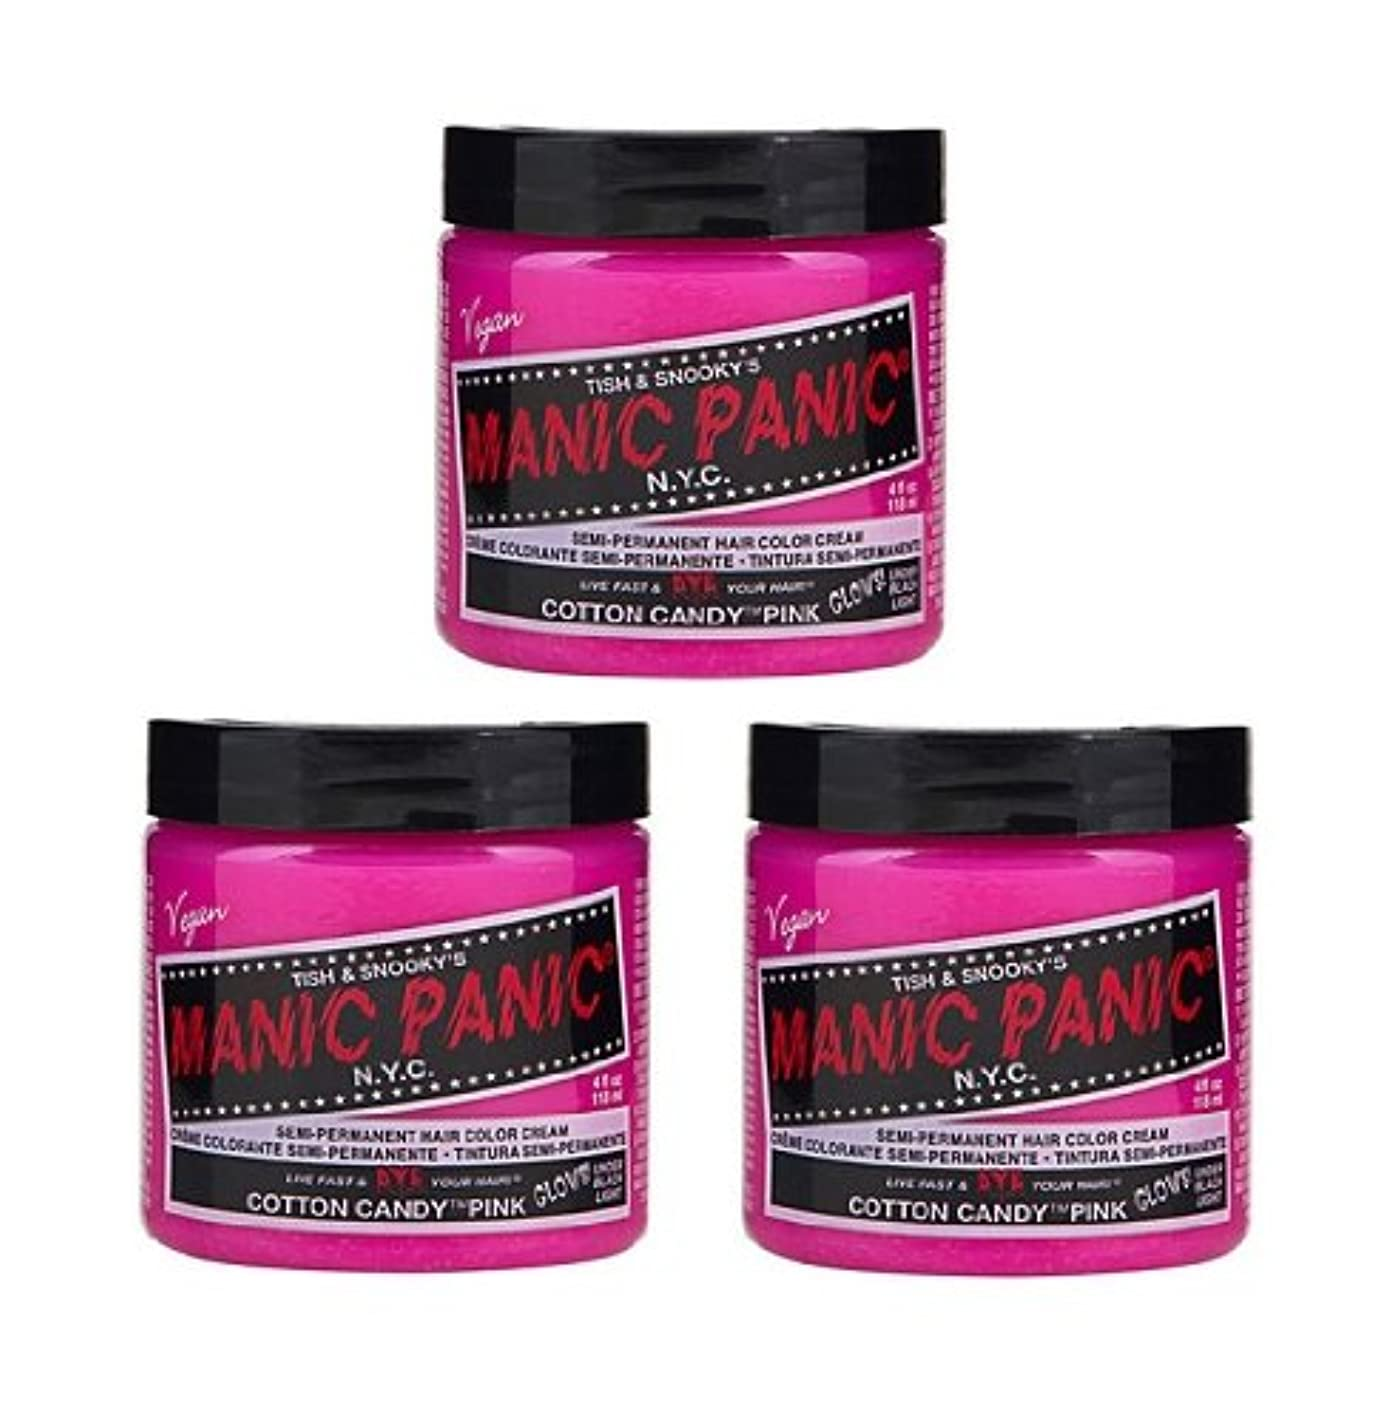 電話エミュレーション神秘【3個セット】MANIC PANIC マニックパニック Cotton Candy Pink コットン?キャンディー?ピンク 118ml